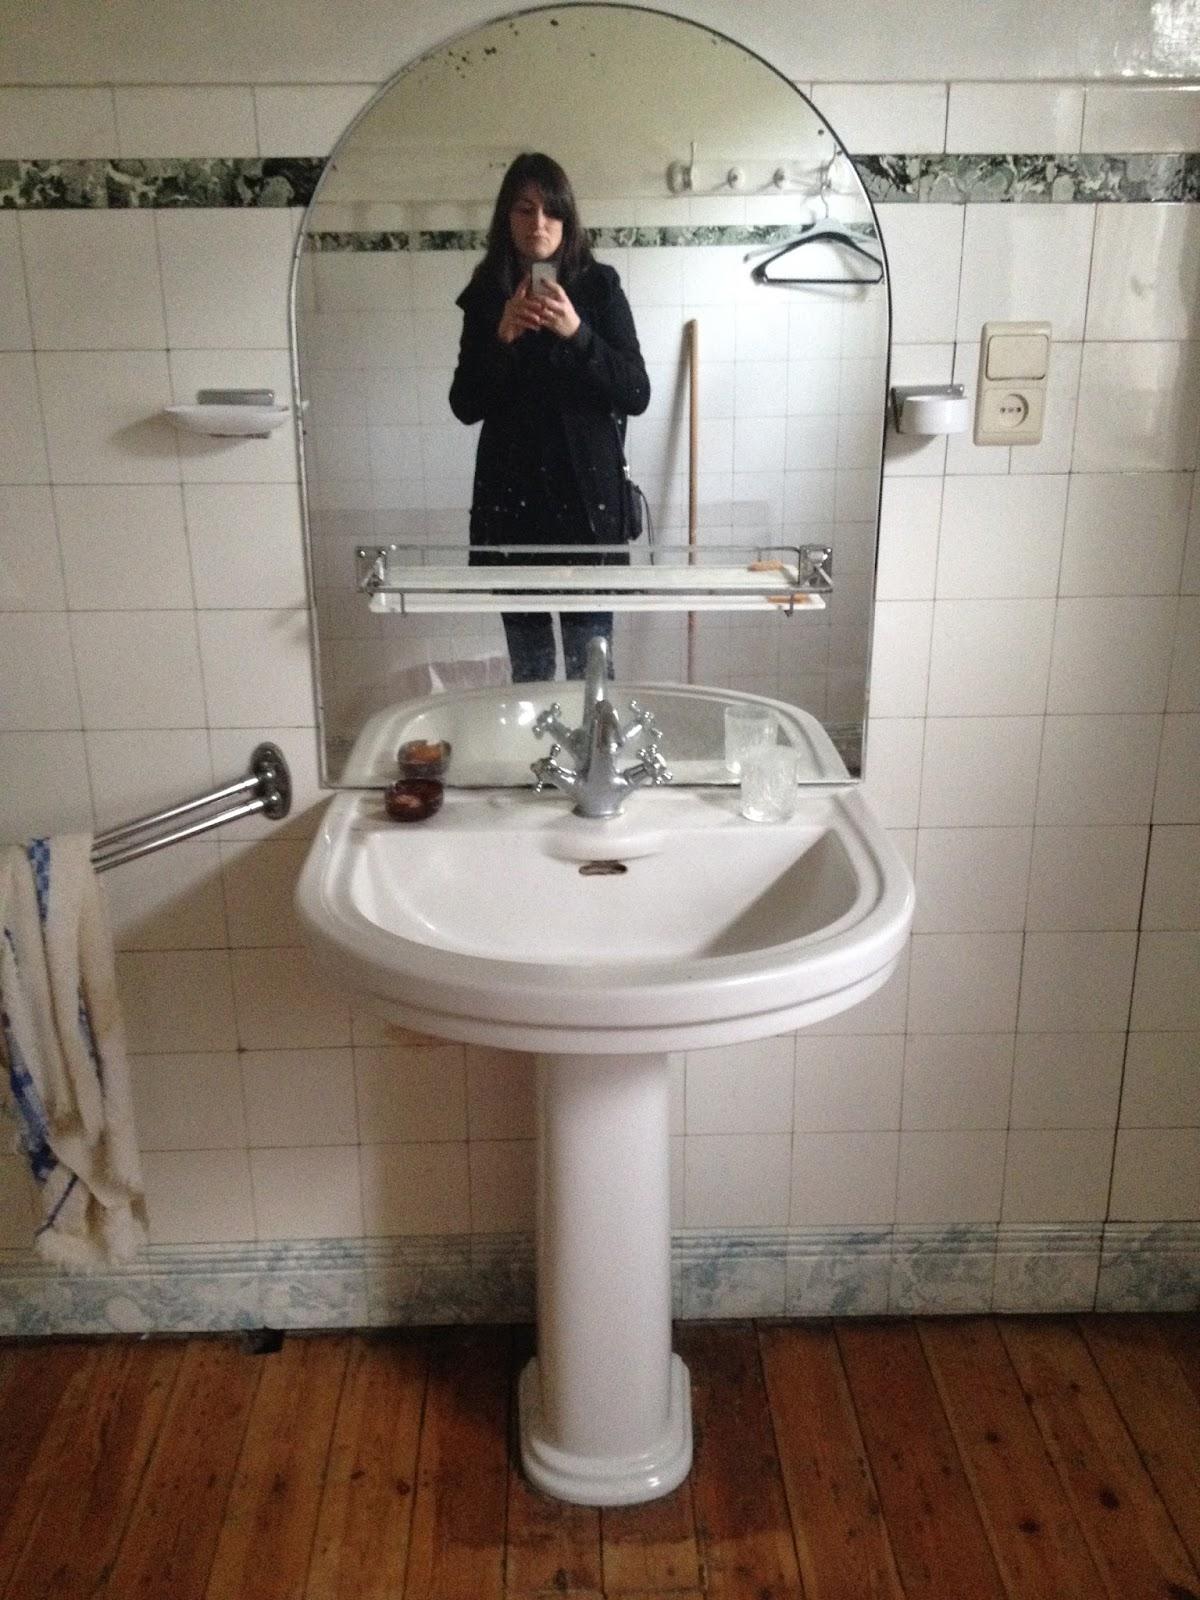 Dietemiet terugblik op een jaar verbouwen deel 2 - Badkamer jaar ...